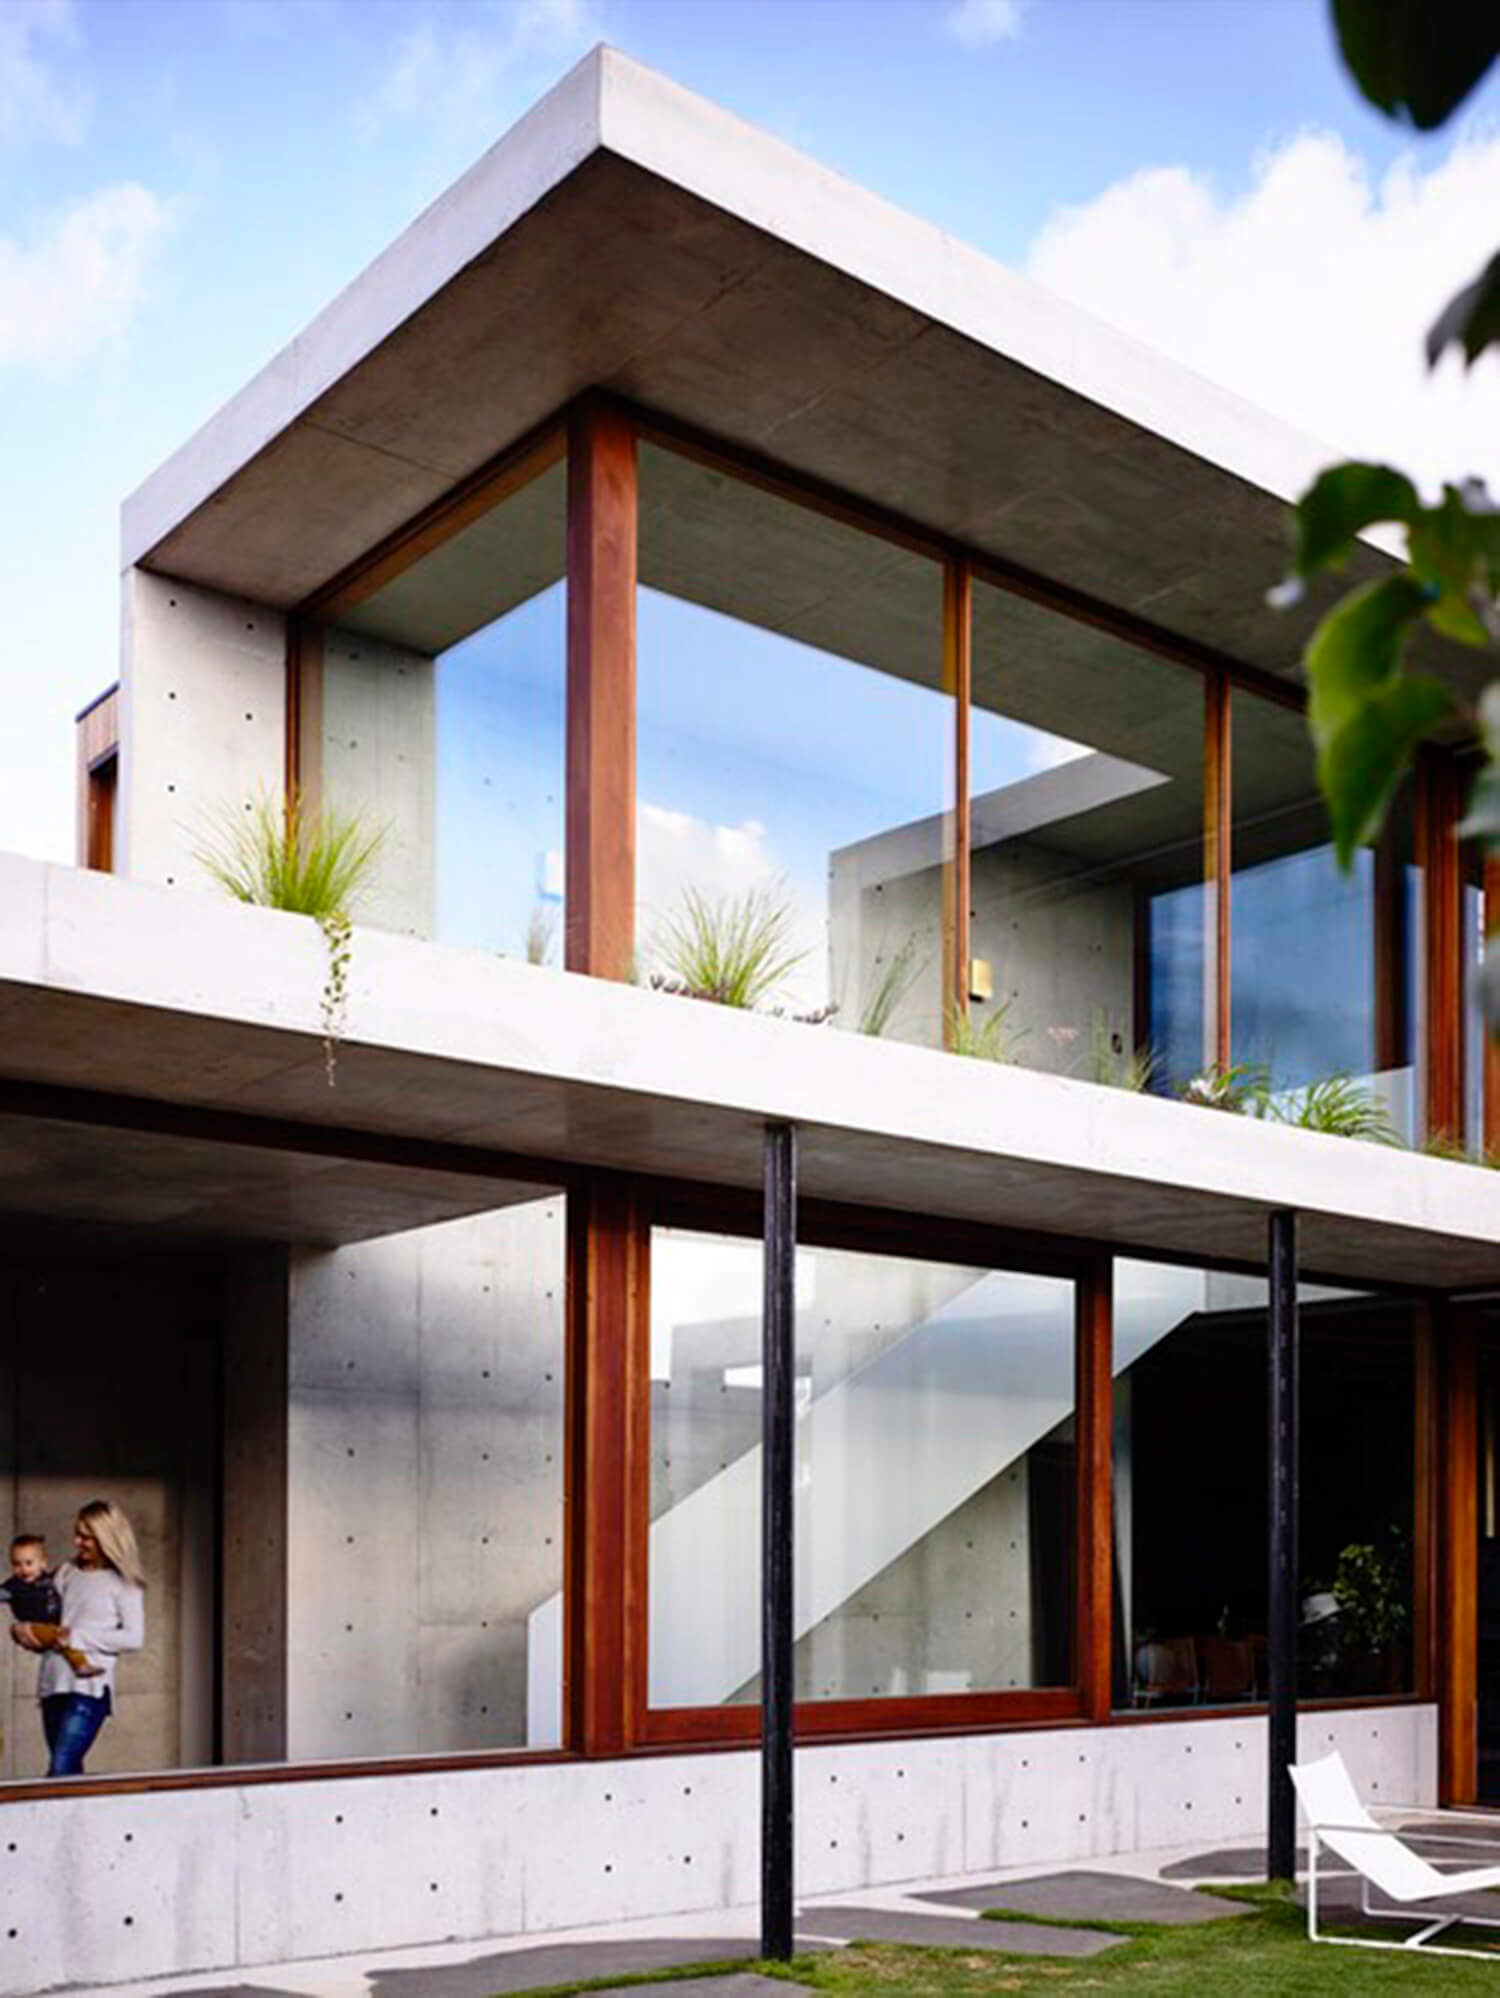 Concrete House | Exterior | Auhaus Architecture |Est Living